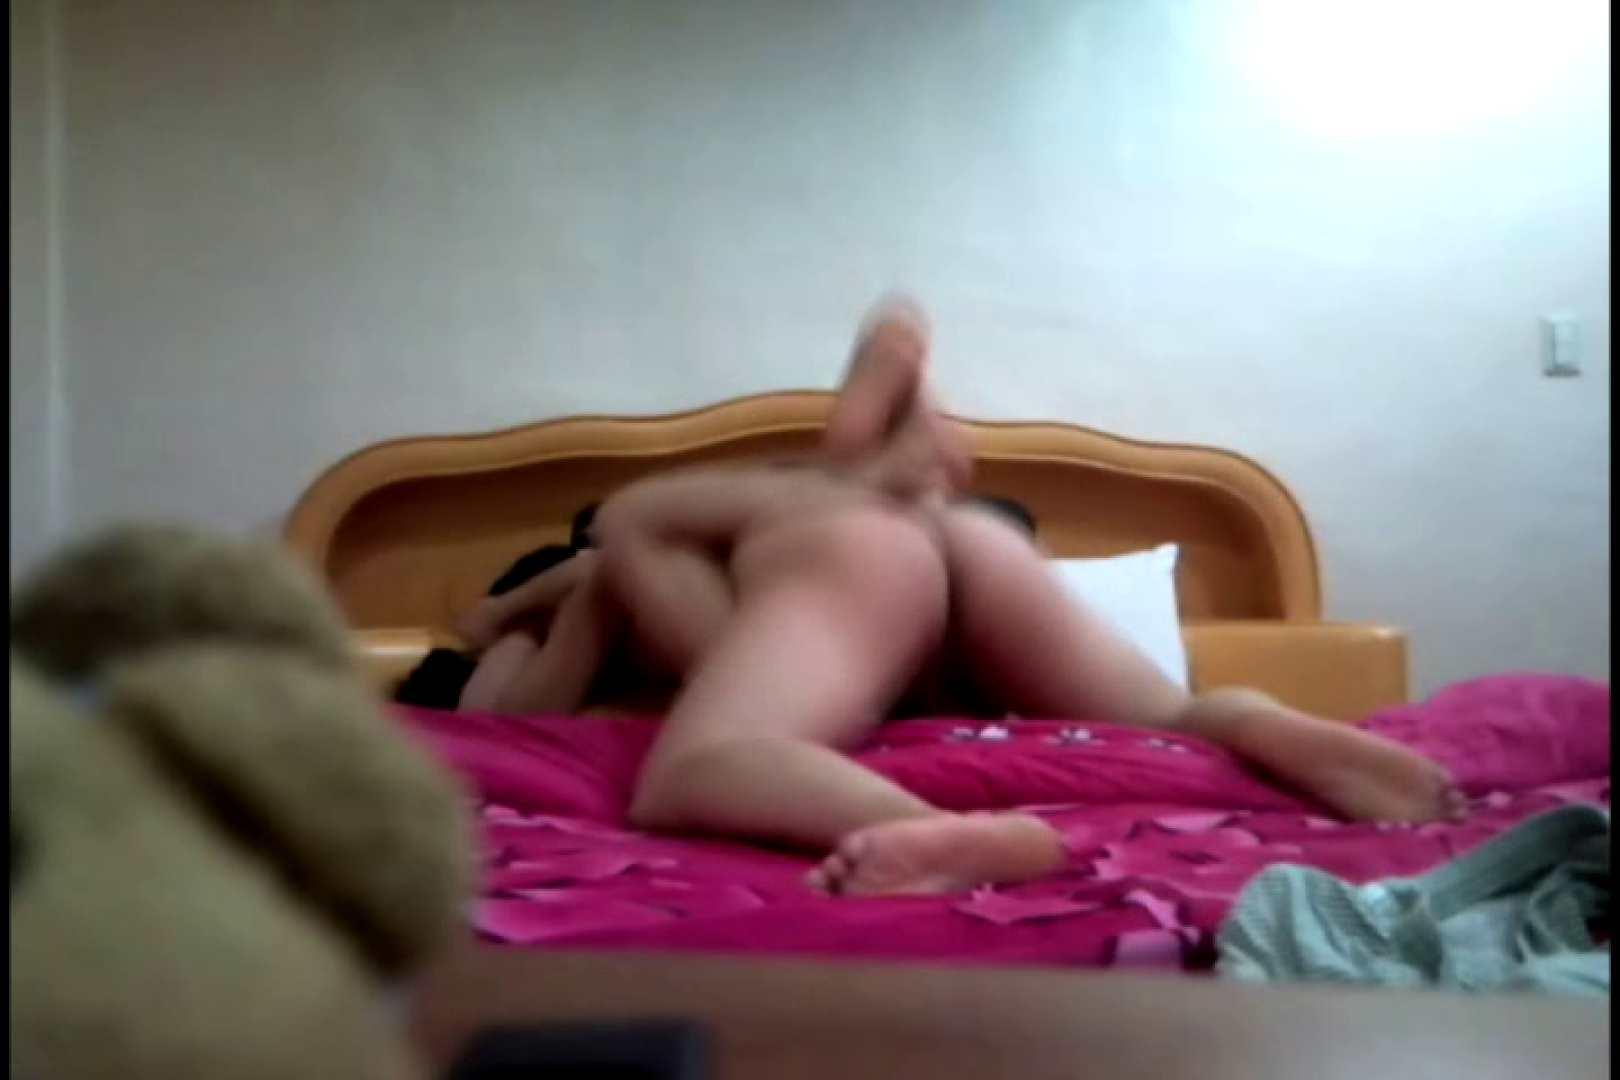 コリアン素人流出シリーズ ラブホテル隠し撮り 素人のぞき のぞき動画キャプチャ 86pic 22